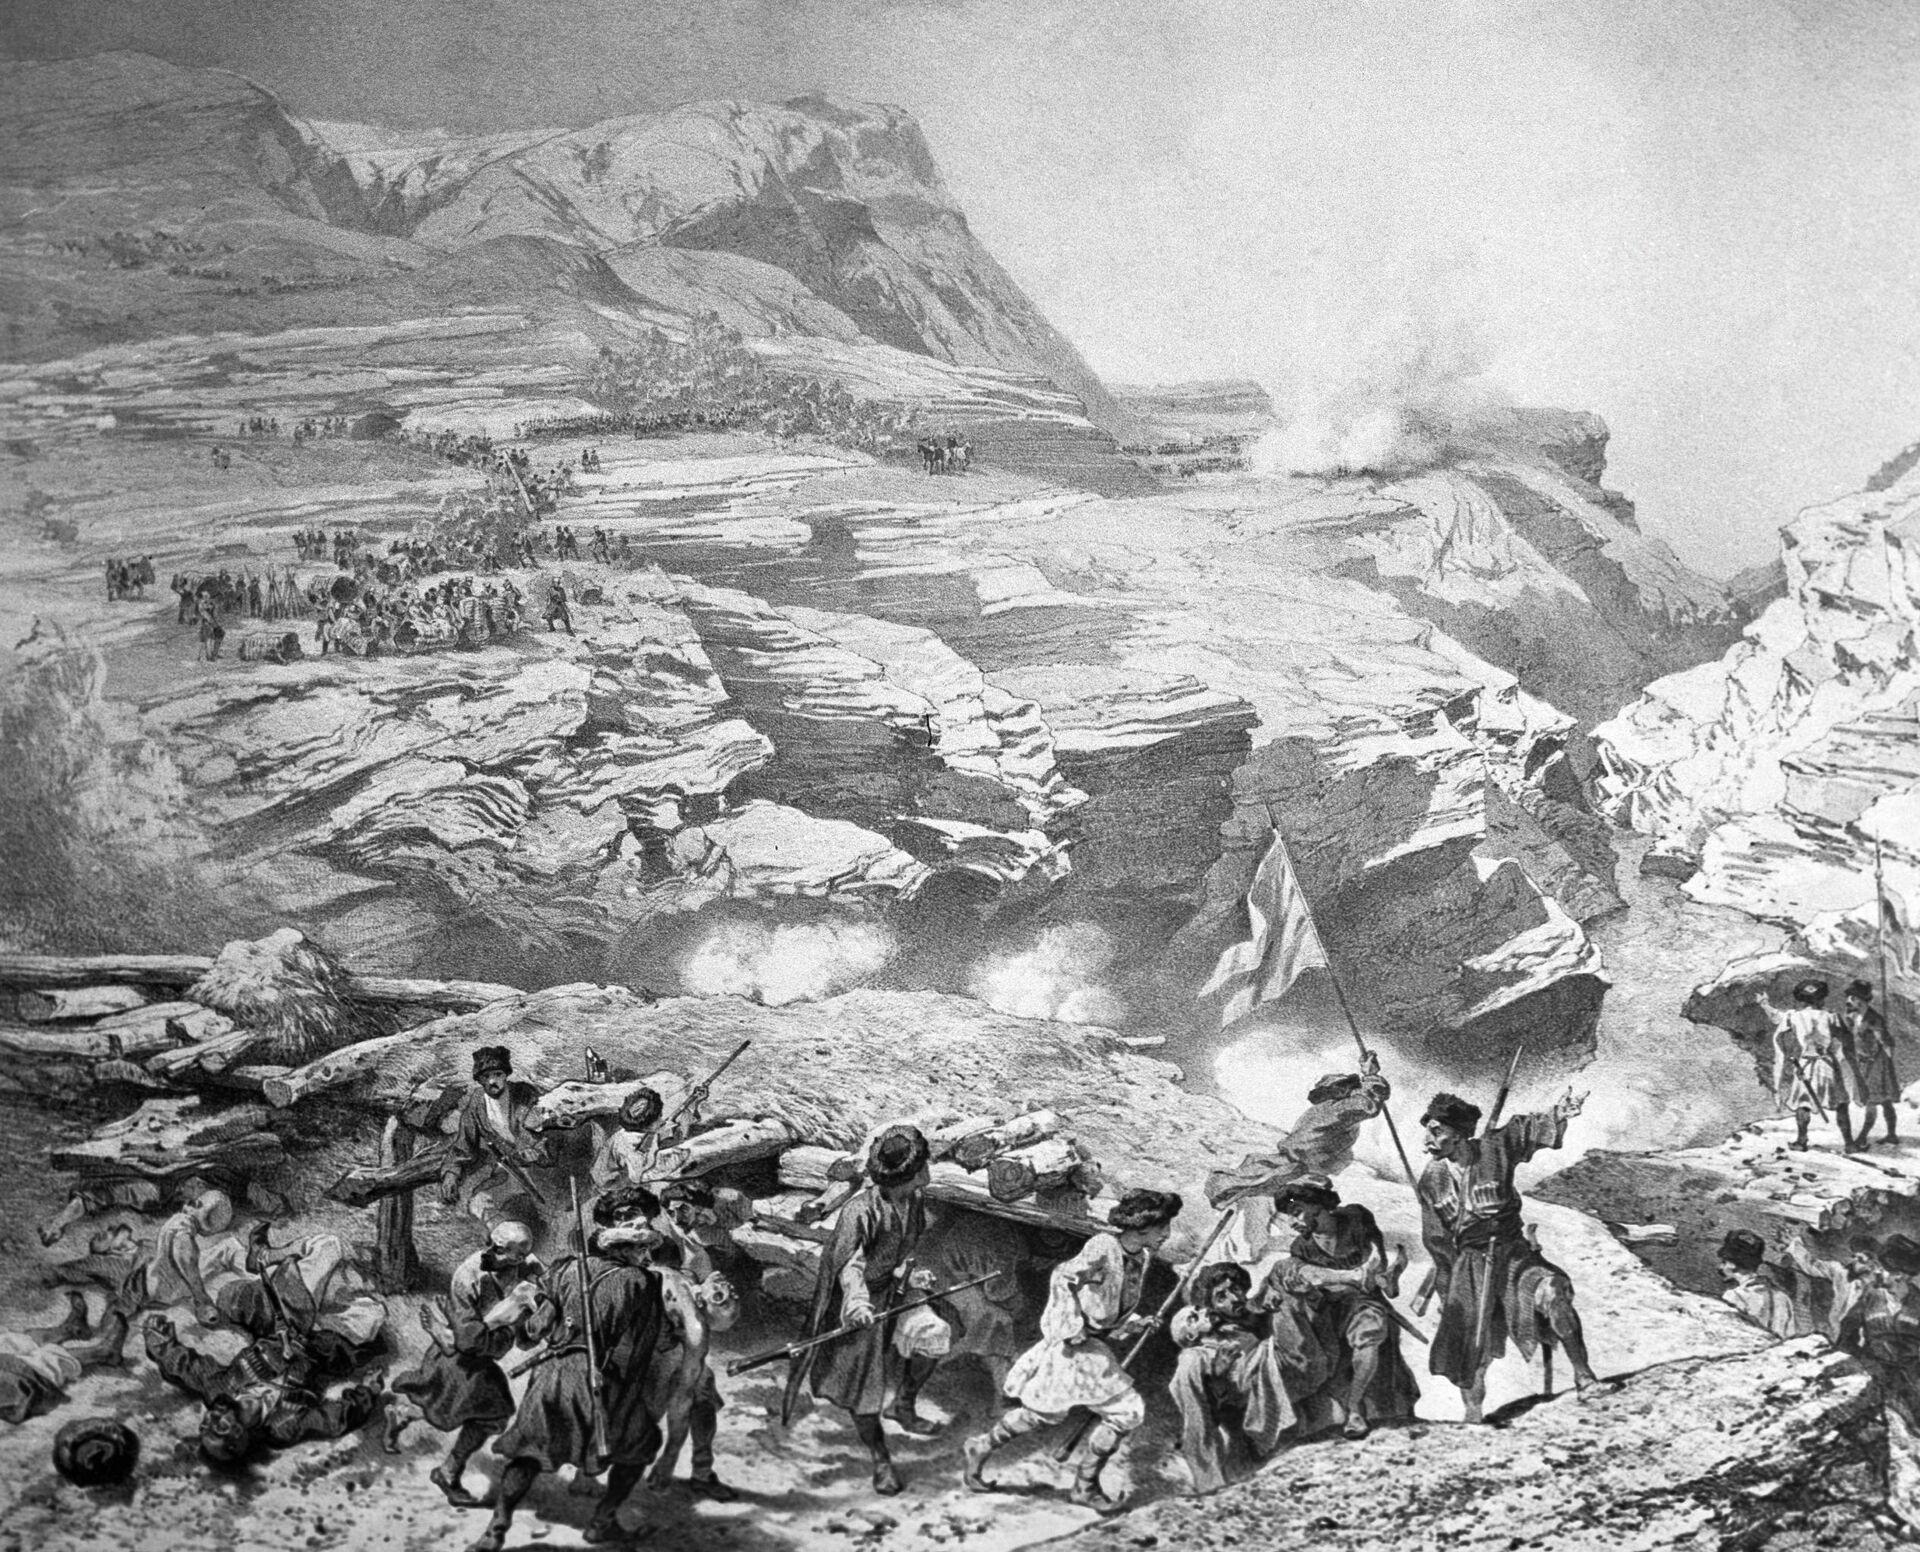 Литография Военные действия горцев против русских при Ахатли 8 мая 1841 года во время Кавказской войны 1840-50 годов - РИА Новости, 1920, 23.05.2021